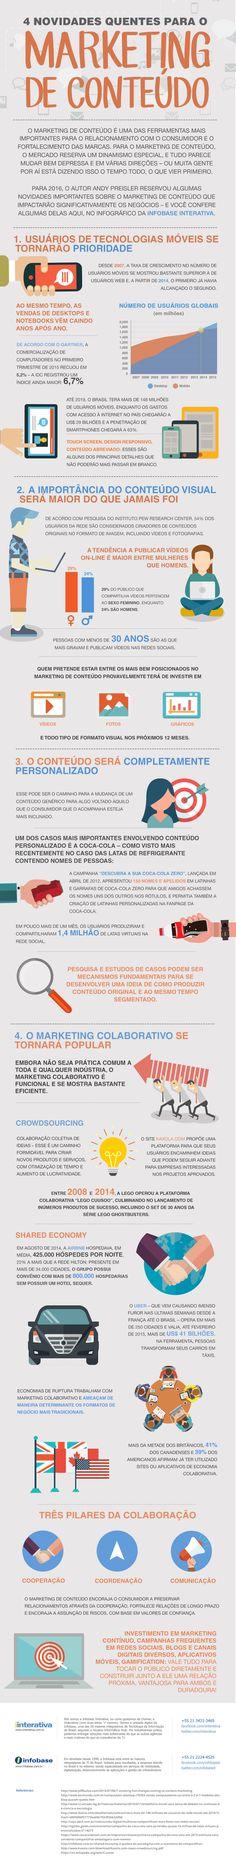 4 novidades quentes para o marketing de conteúdo! #infográfico